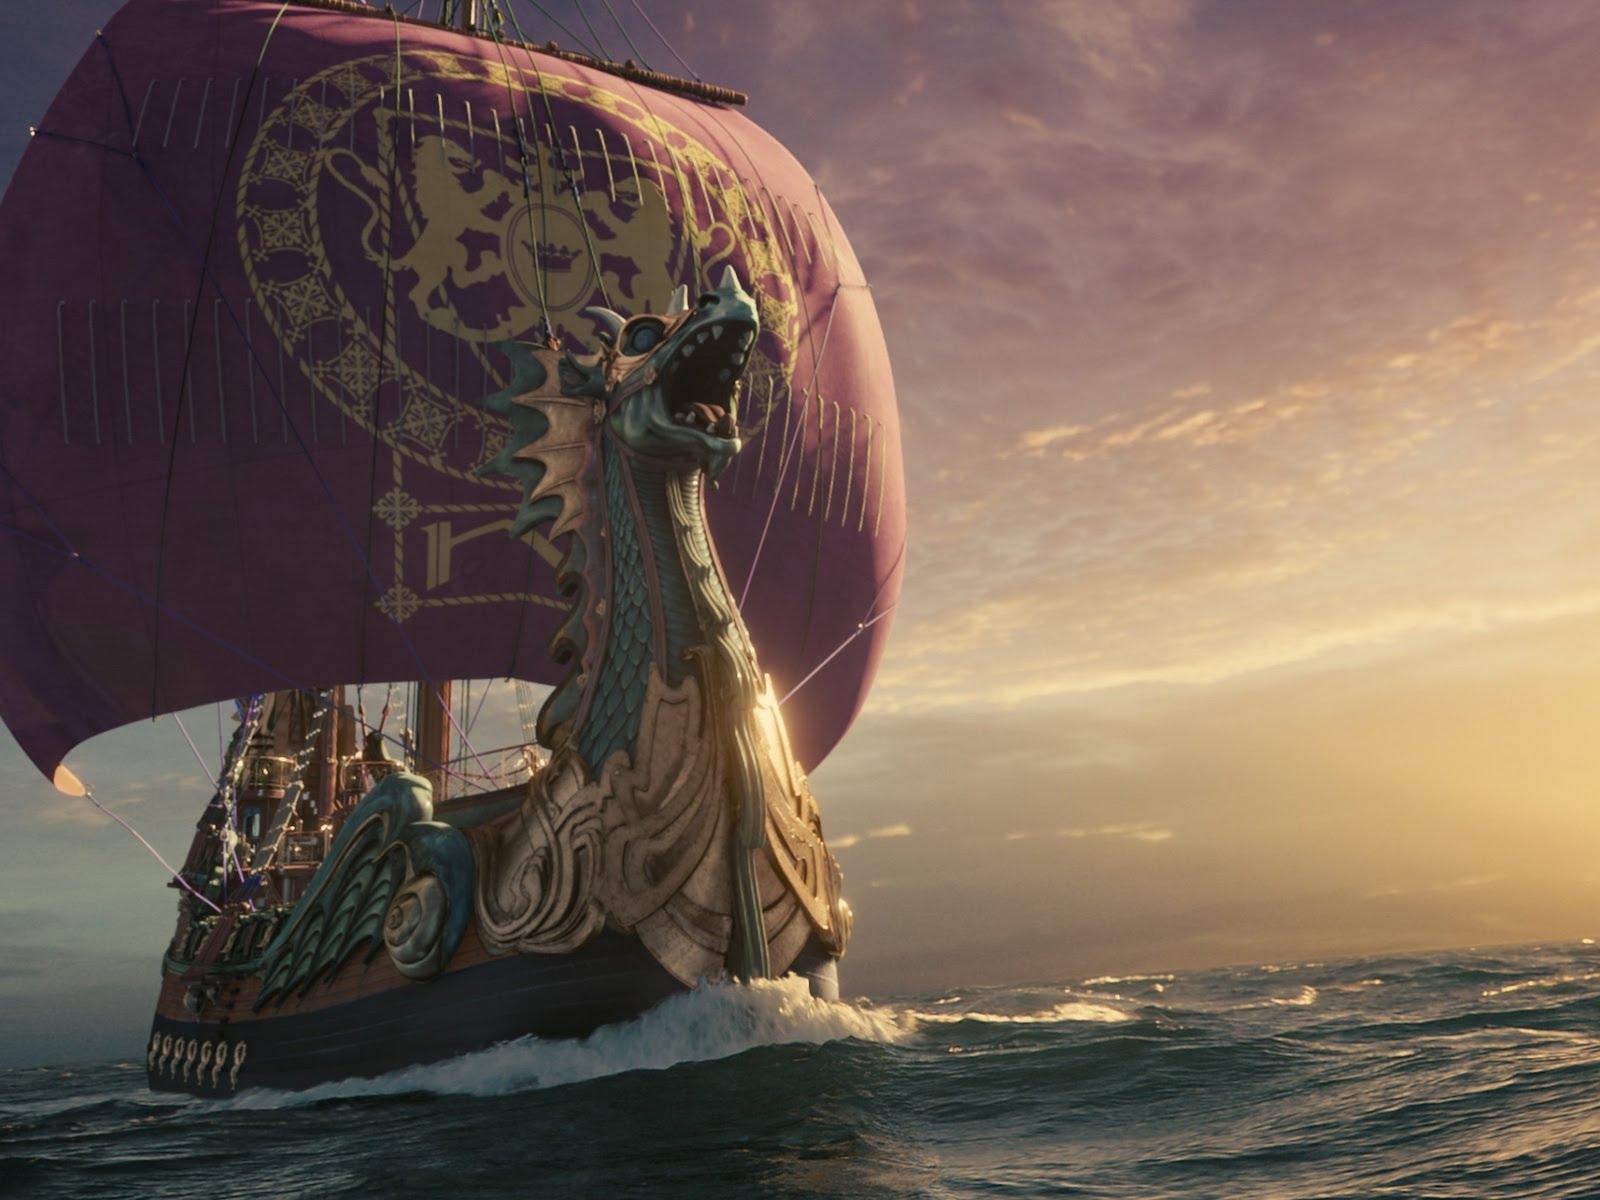 The Viking Ship | History Documentary - YouTube